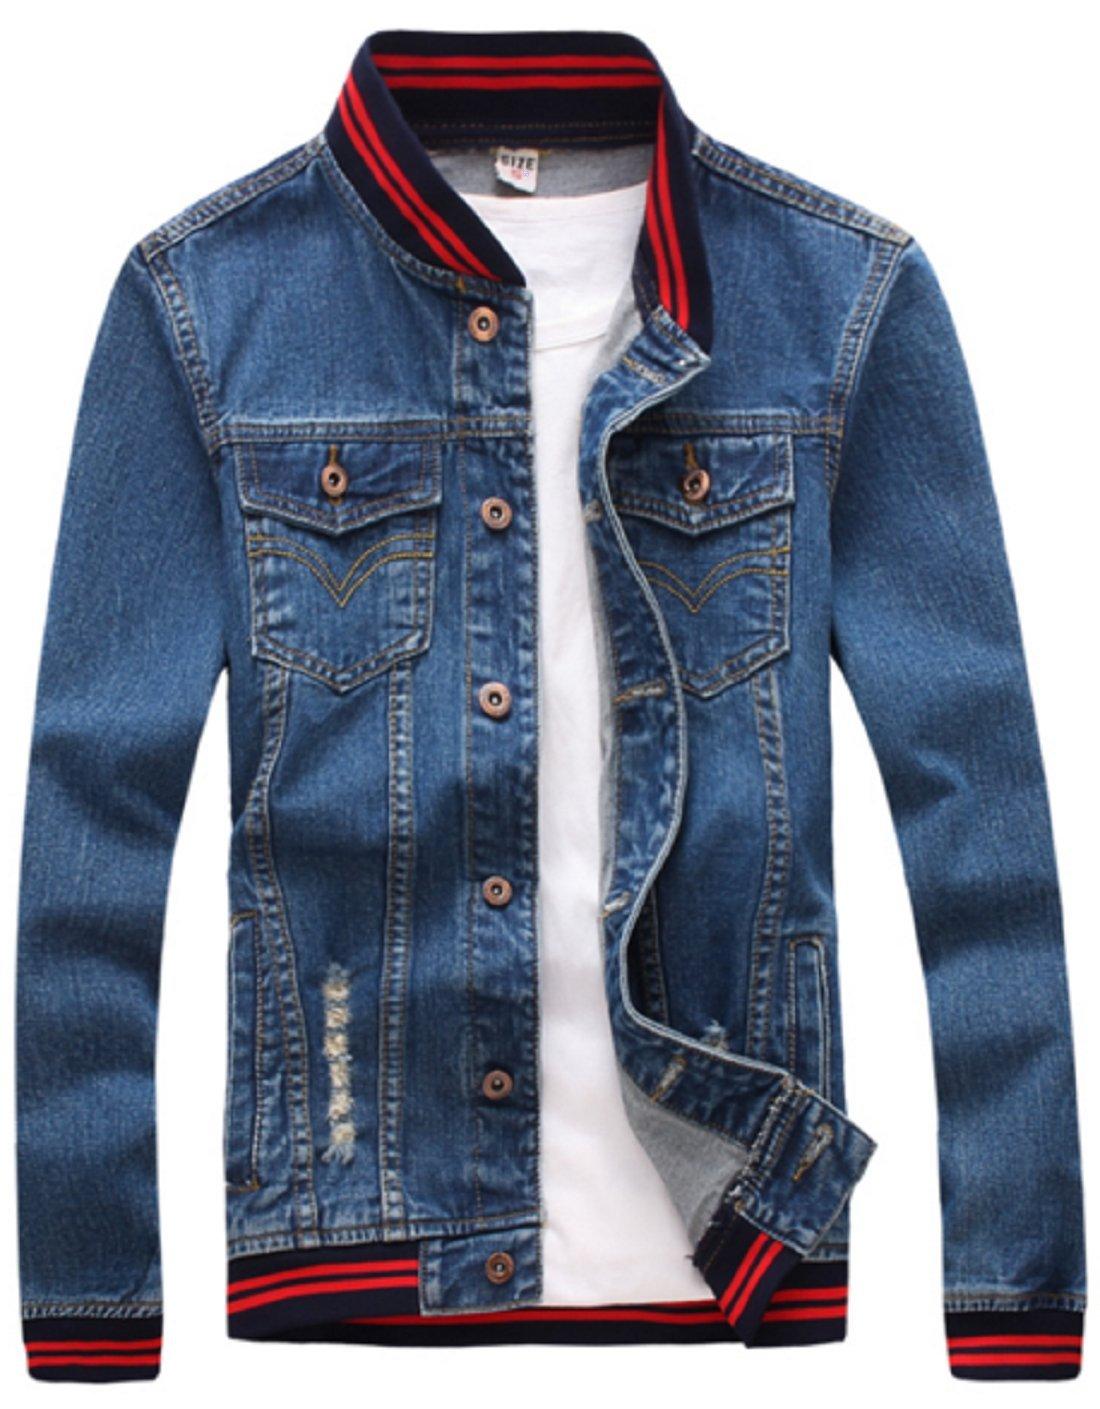 Olrek Men's Casual Wear Cotton Denim Jacke(Red blue,L size)